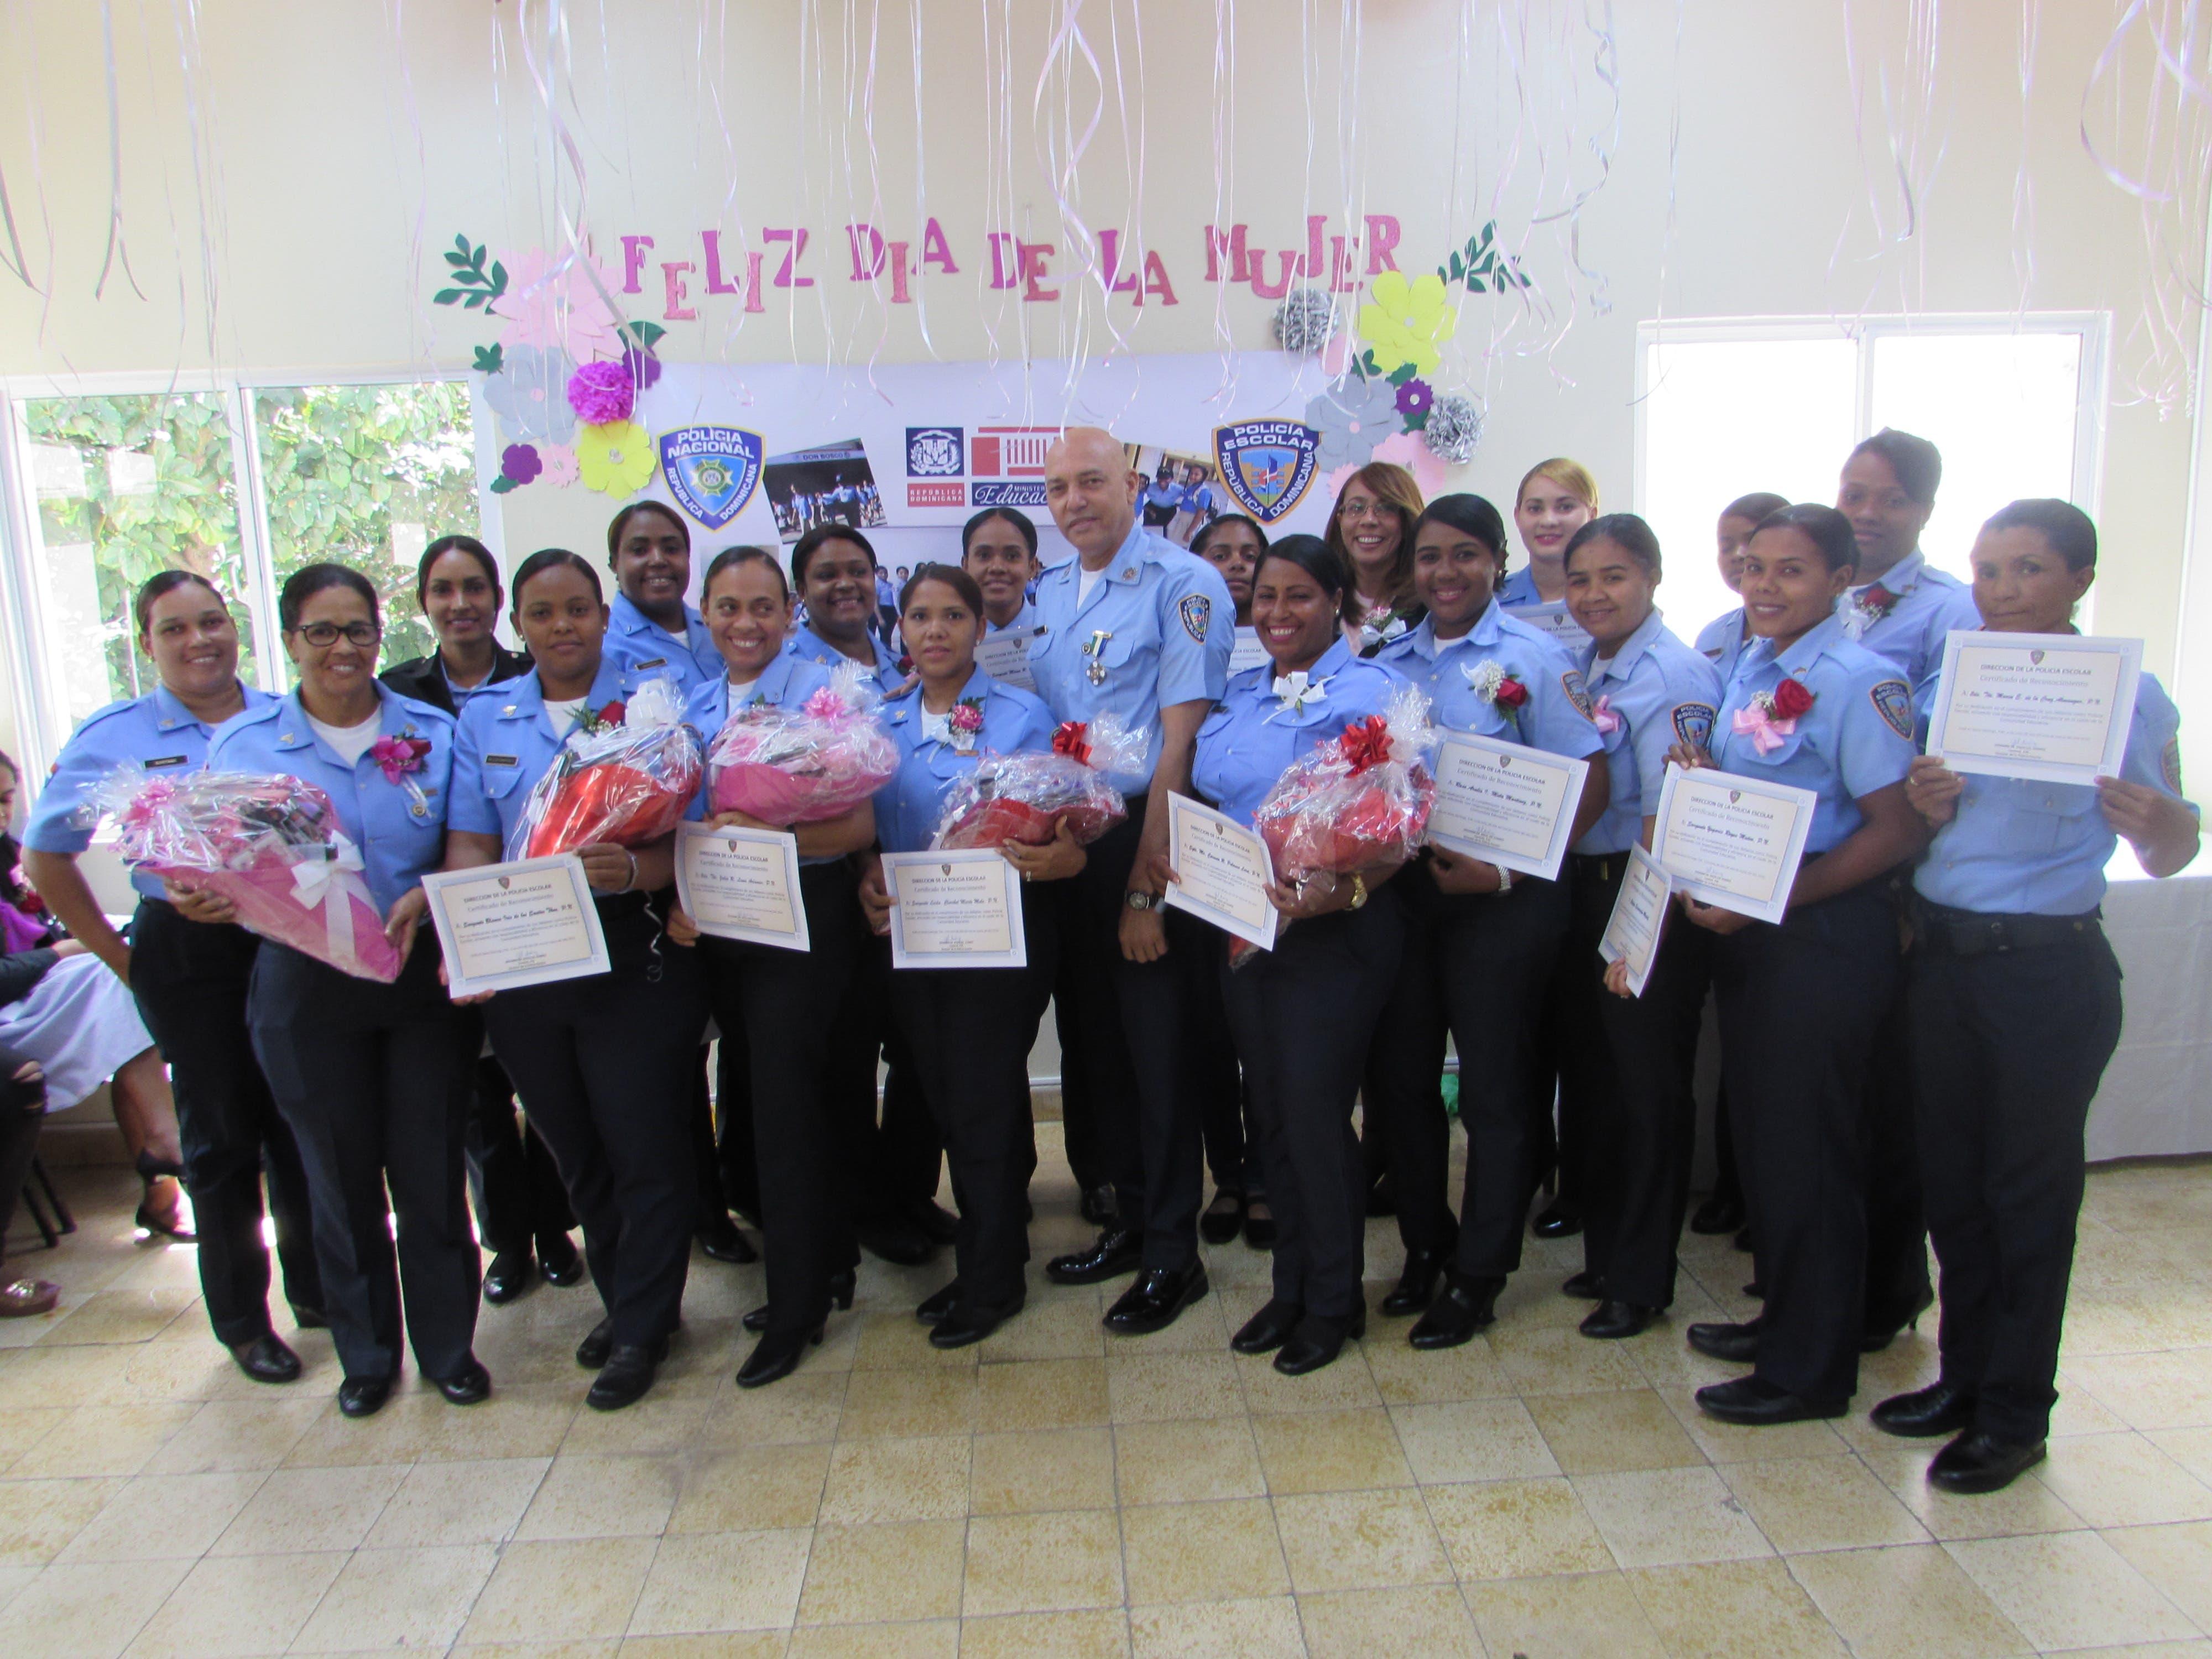 Policía Escolar celebró por todo lo alto Día Internacional de la Mujer